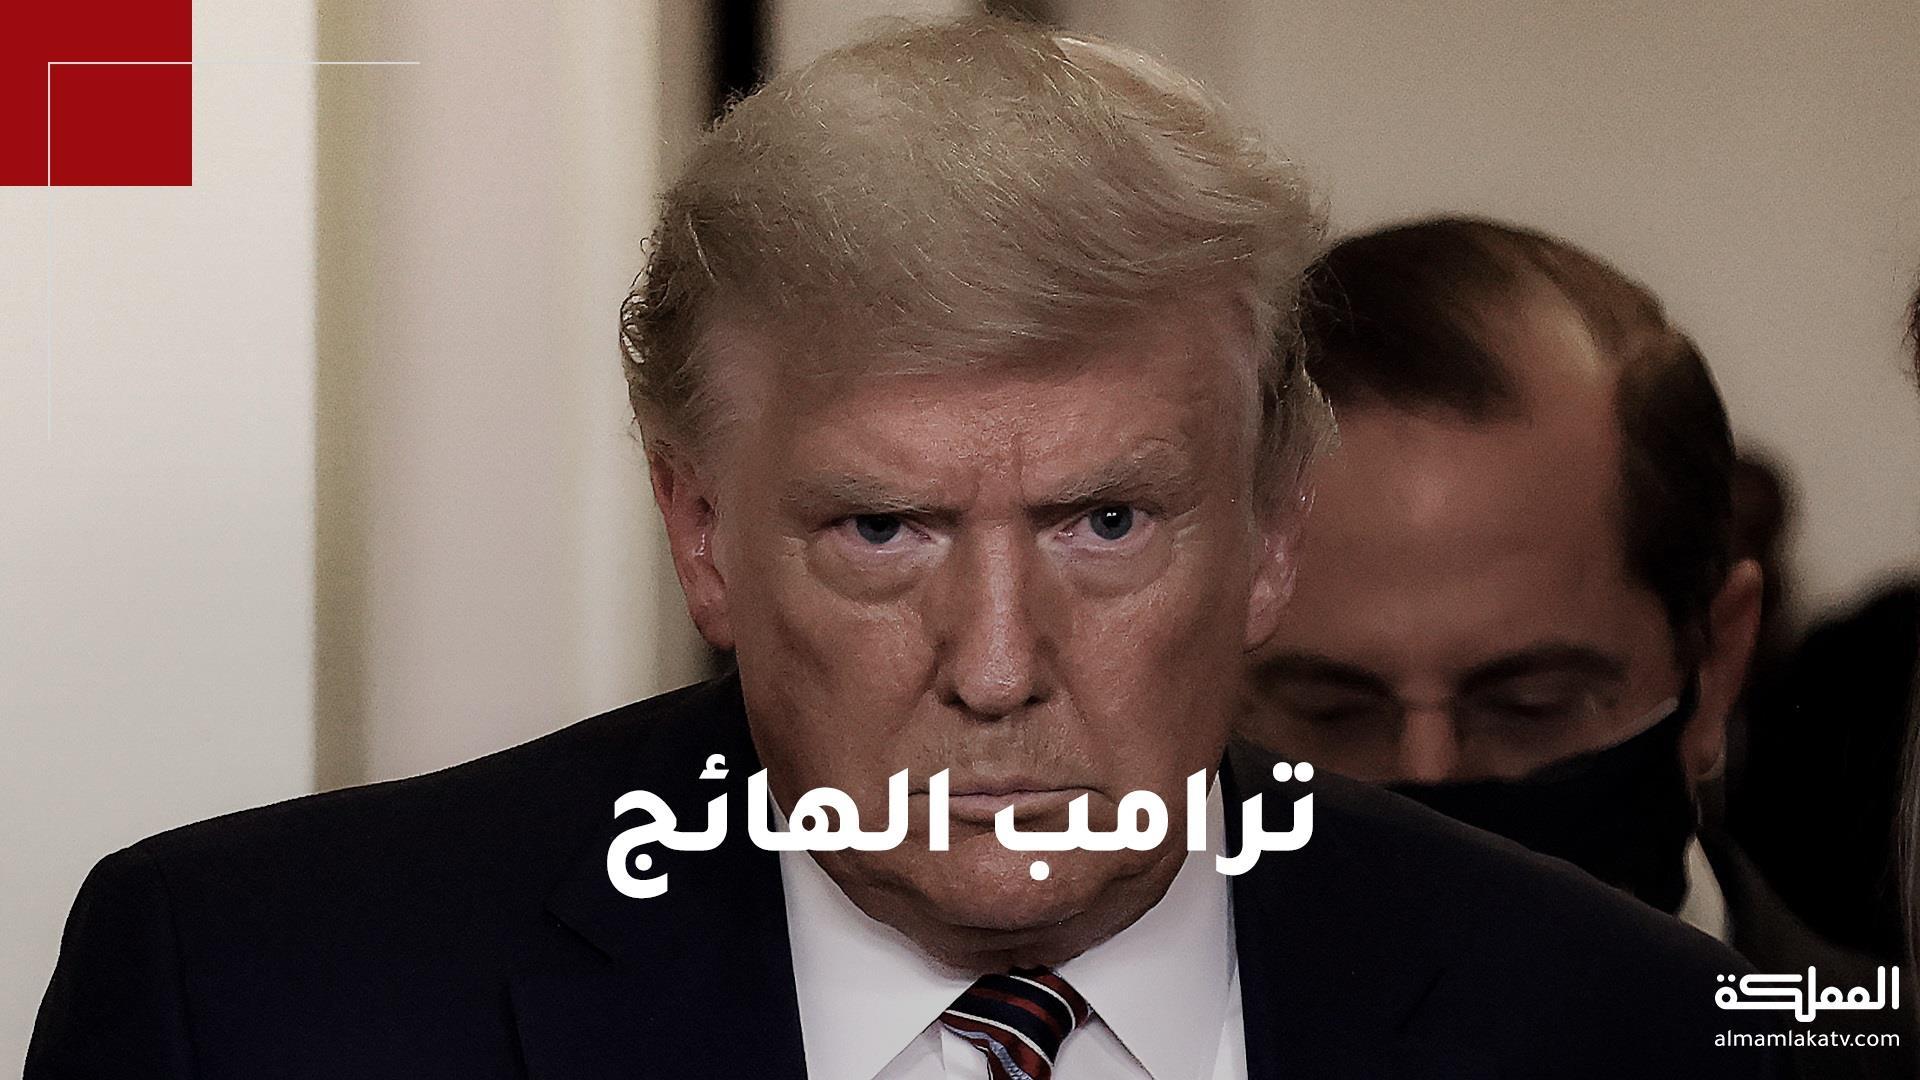 لقد فزت، لقد فزت.. كلمات يرددها ترامب في البيت الأبيض